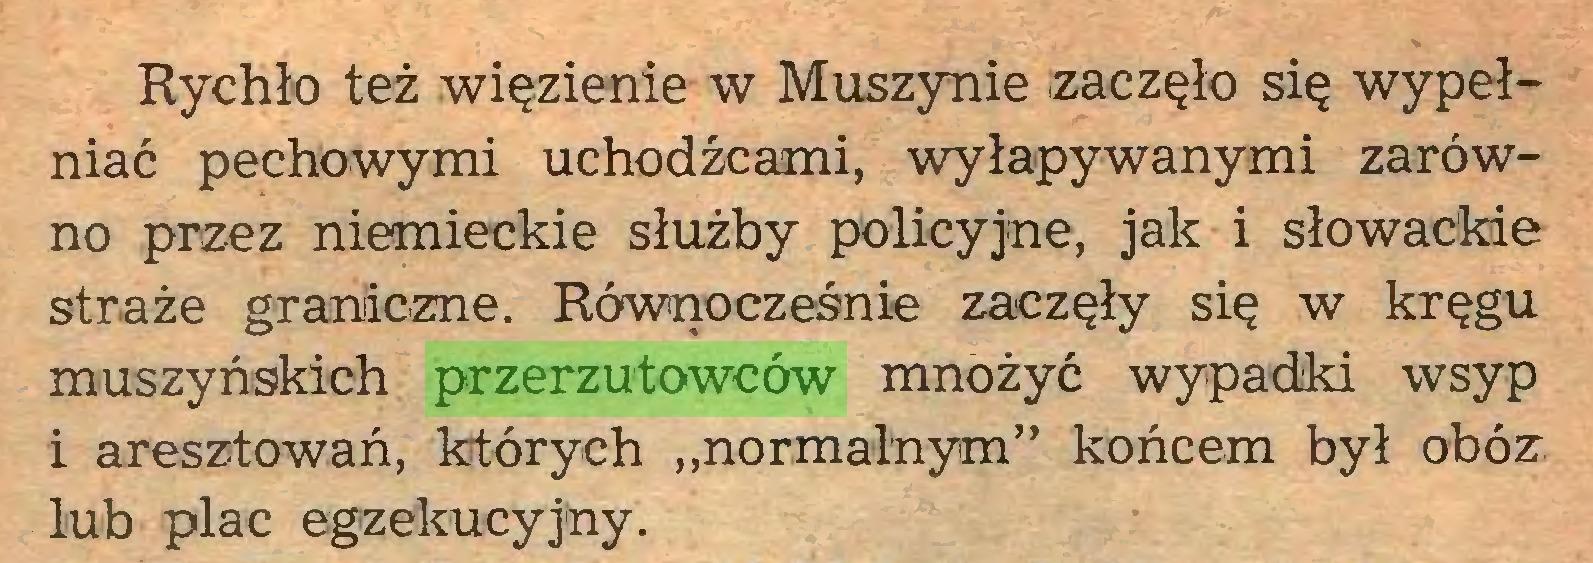 """(...) Rychło też więzienie w Muszynie .zaczęło się wypełniać pechowymi uchodźcami, wyłapywanymi zarówno przez niemieckie służby policyjne, jak i słowackie straże graniczne. Równocześnie zaczęły się w kręgu muszyńskich przerzutowców mnożyć wypadki wsyp i aresztowań, których """"normalnym"""" końcem był obóz lub plac egzekucyjny..."""